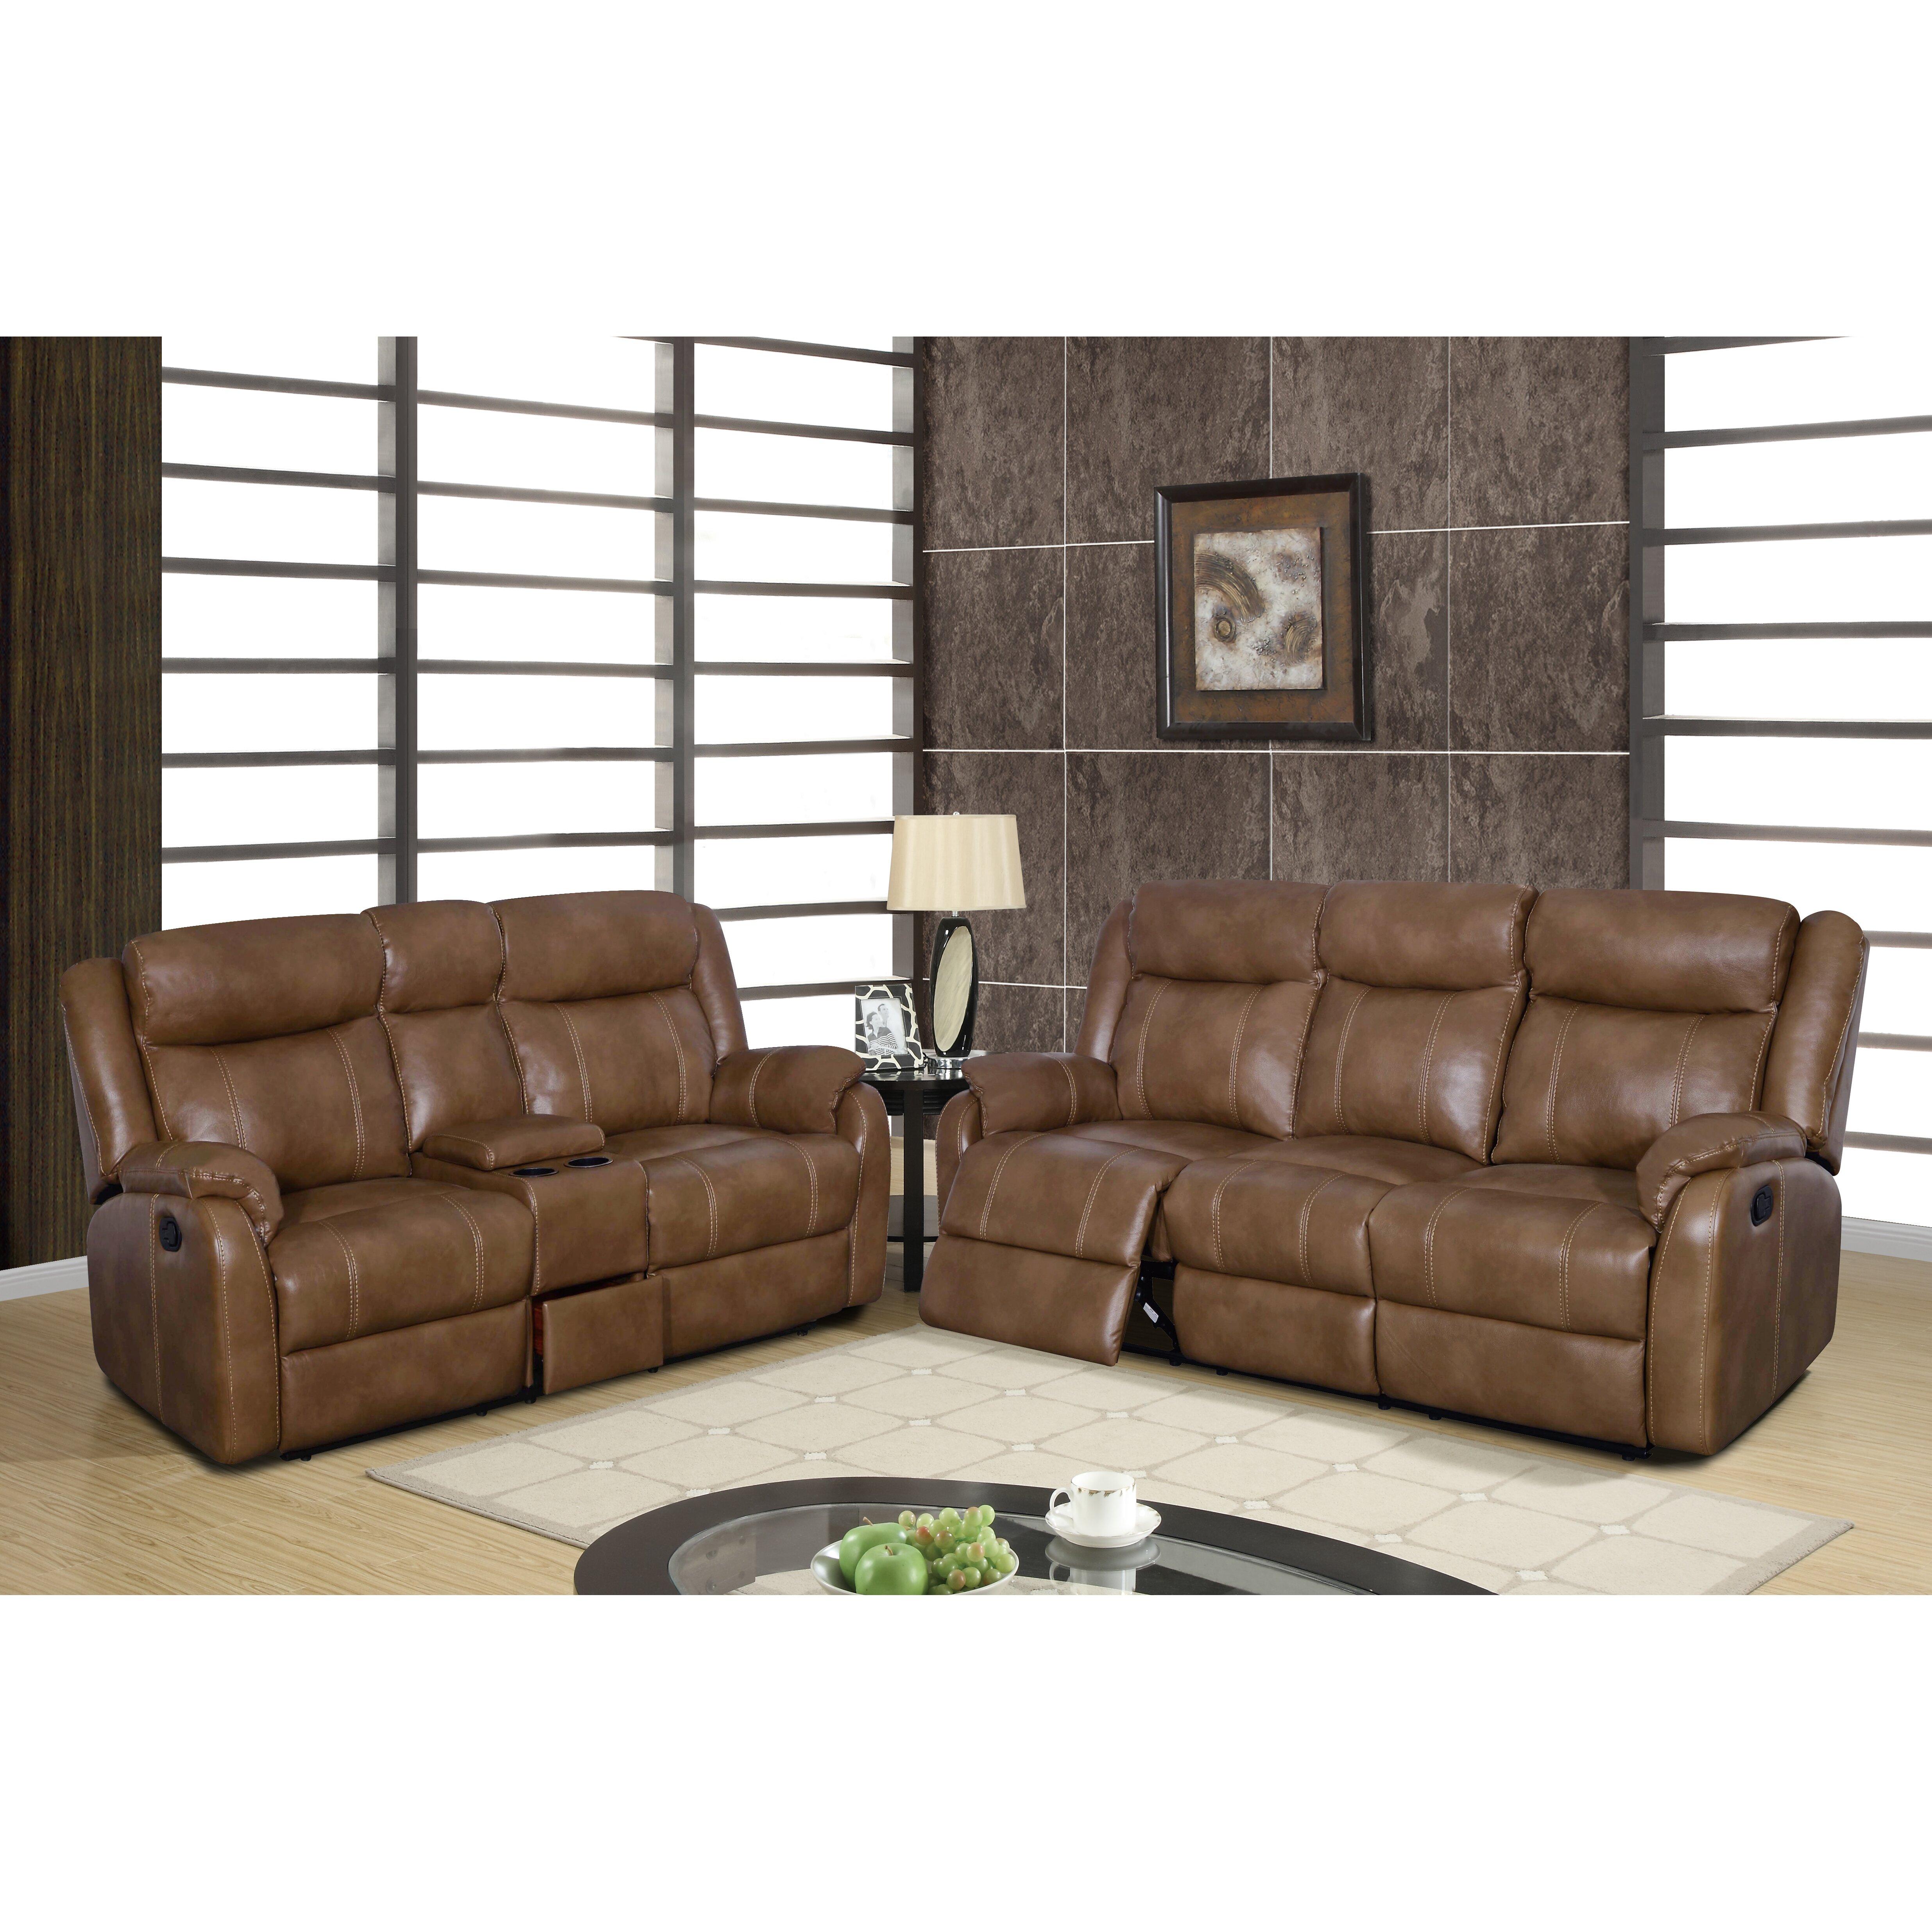 Global furniture usa reclining sofa wayfair for Divan furniture usa